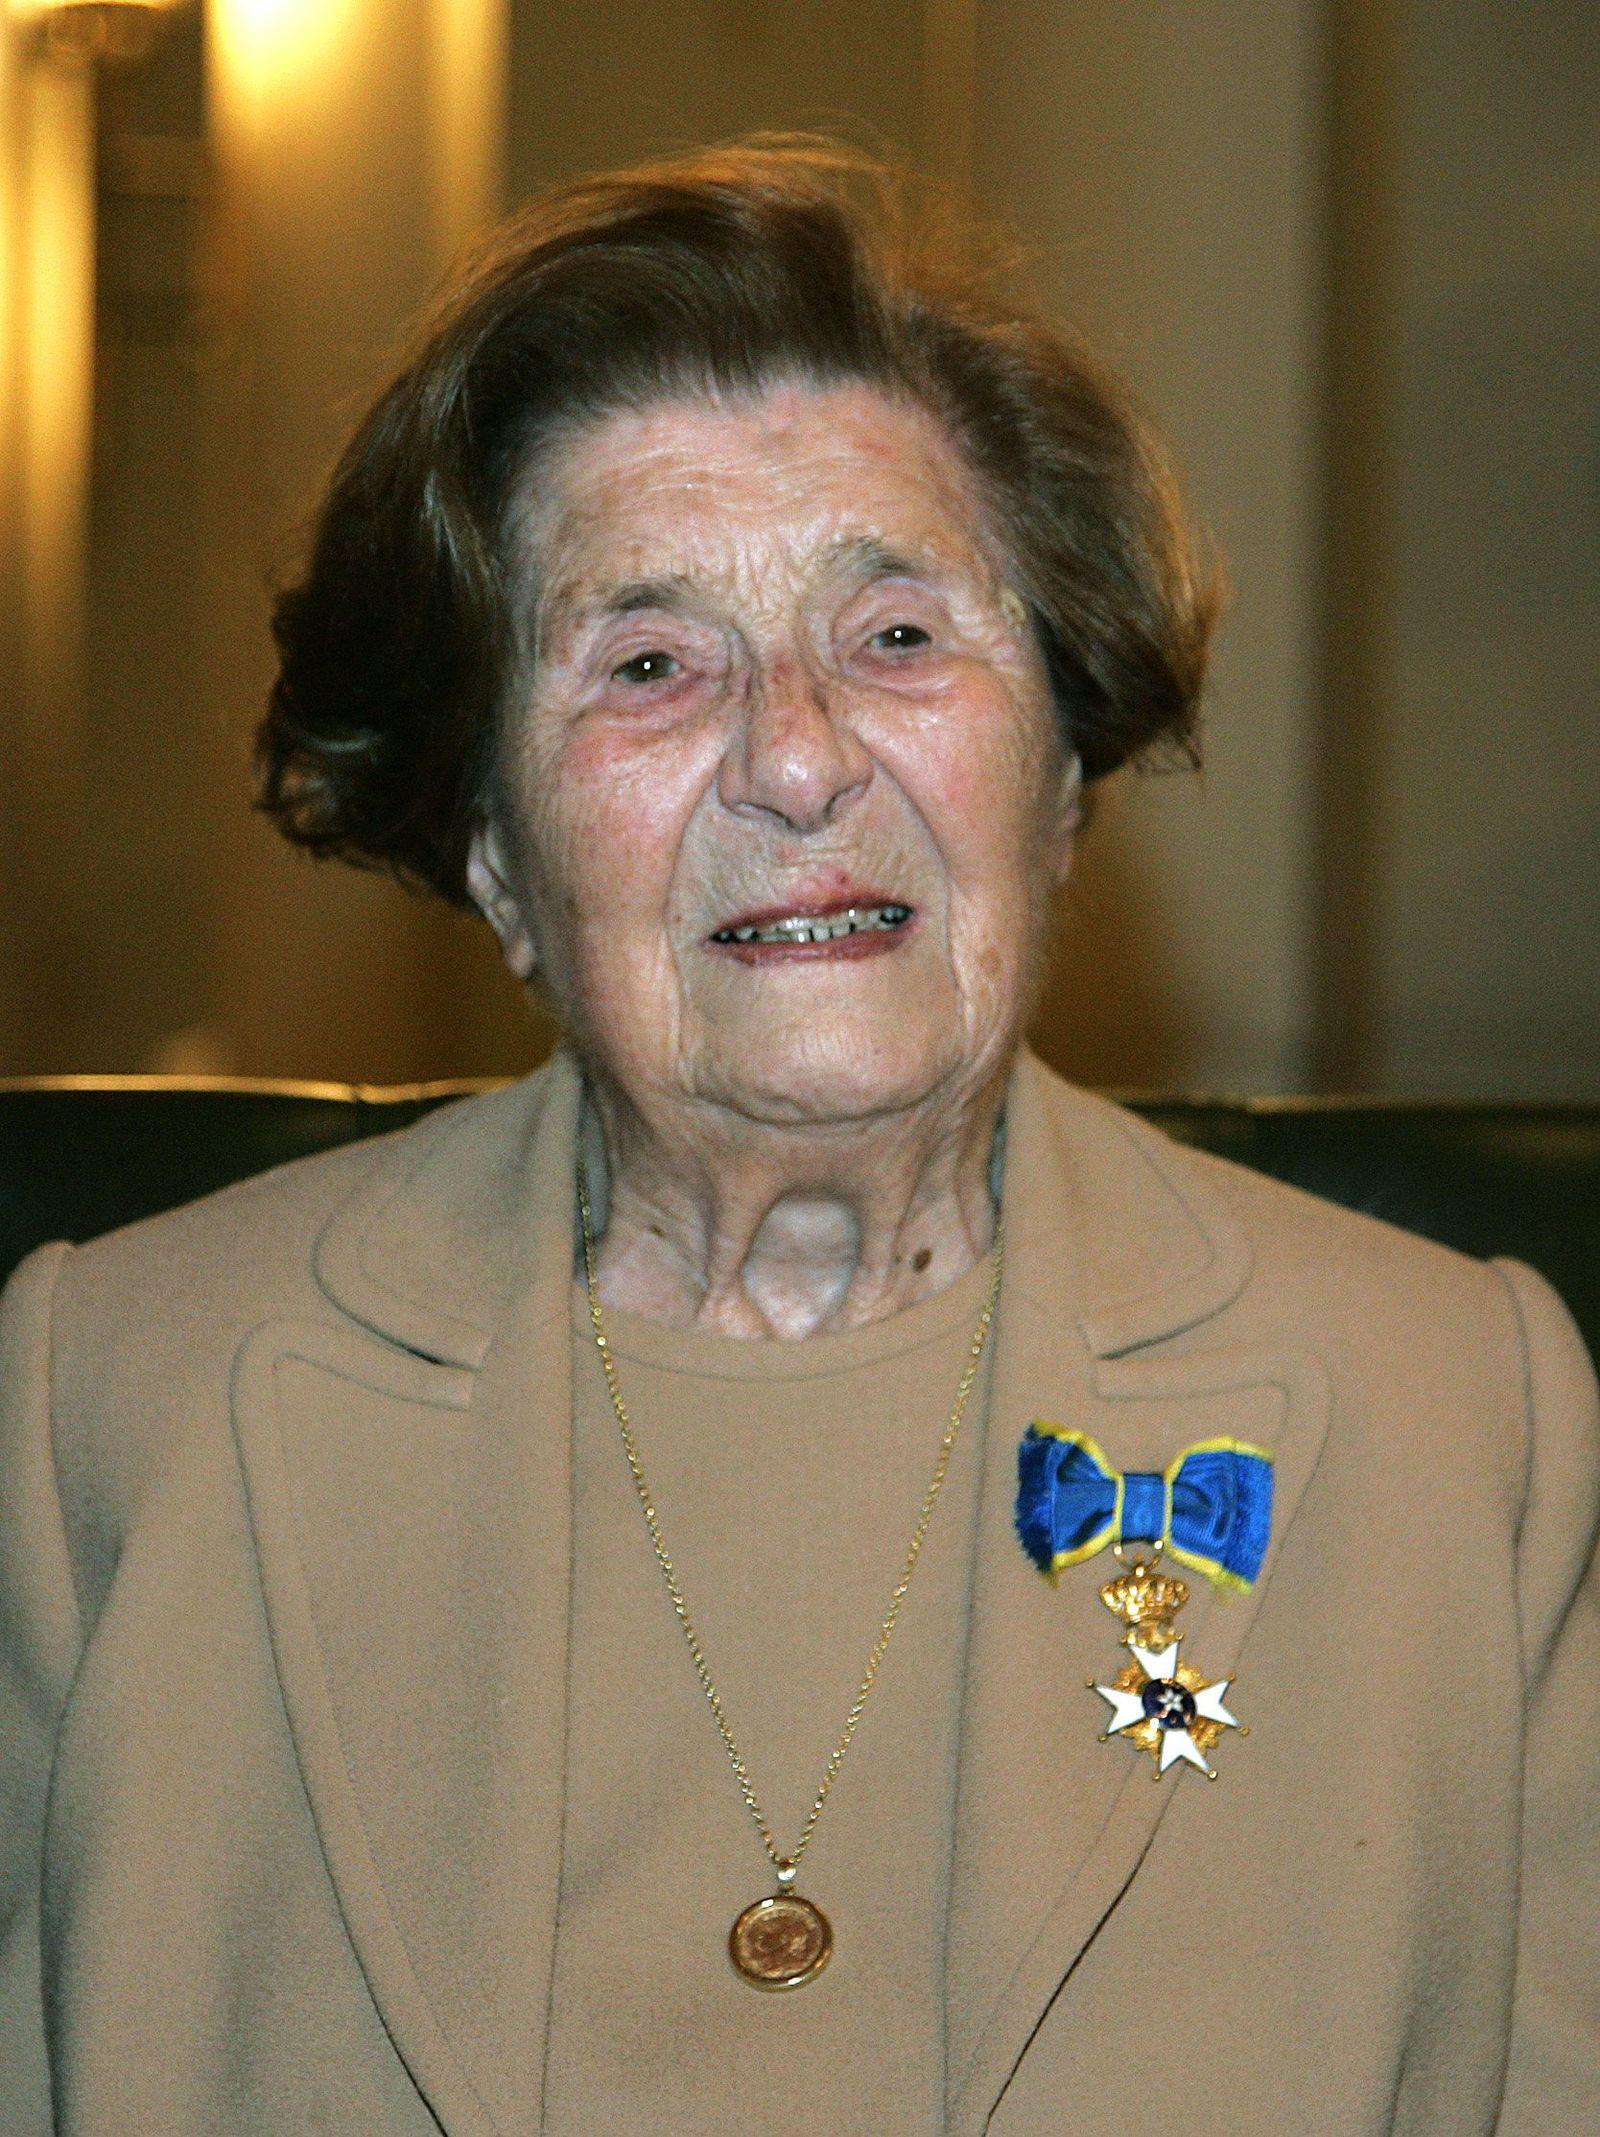 Heidi Oetinger